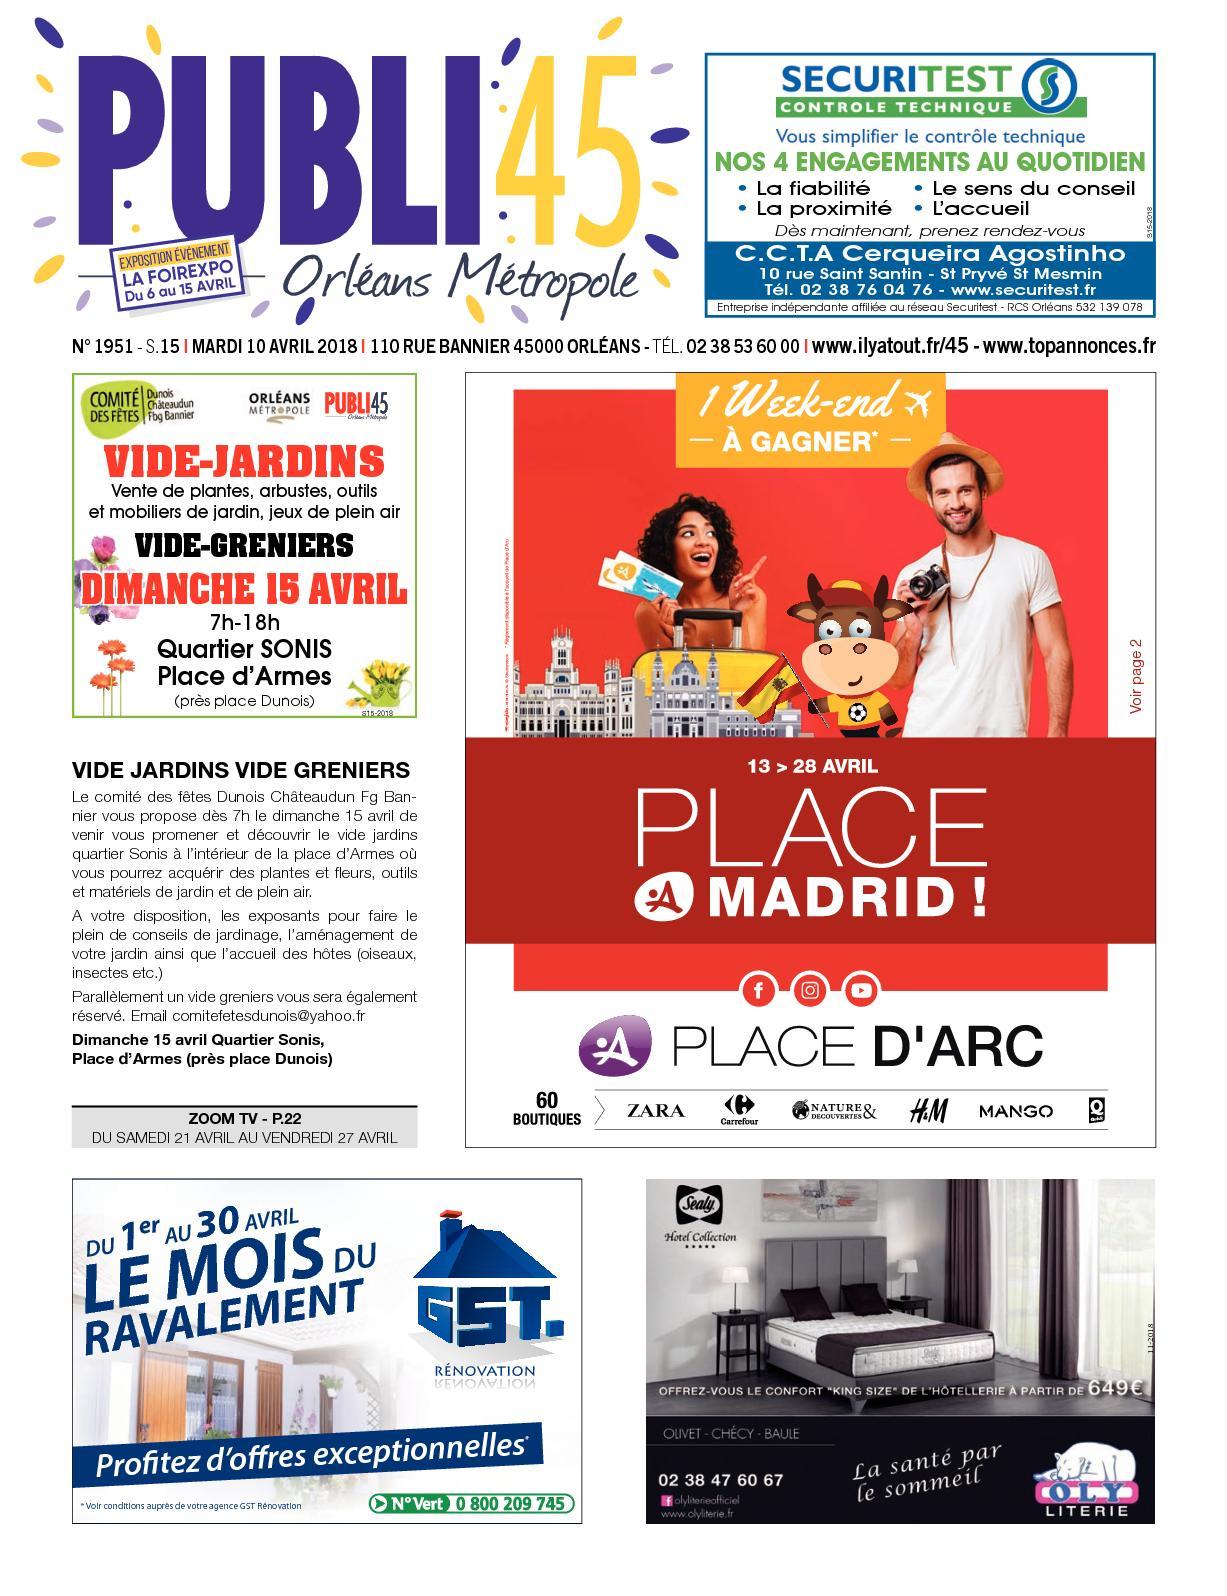 Envia Cuisine Fleury Les Aubrais calaméo - publi 45 s152018